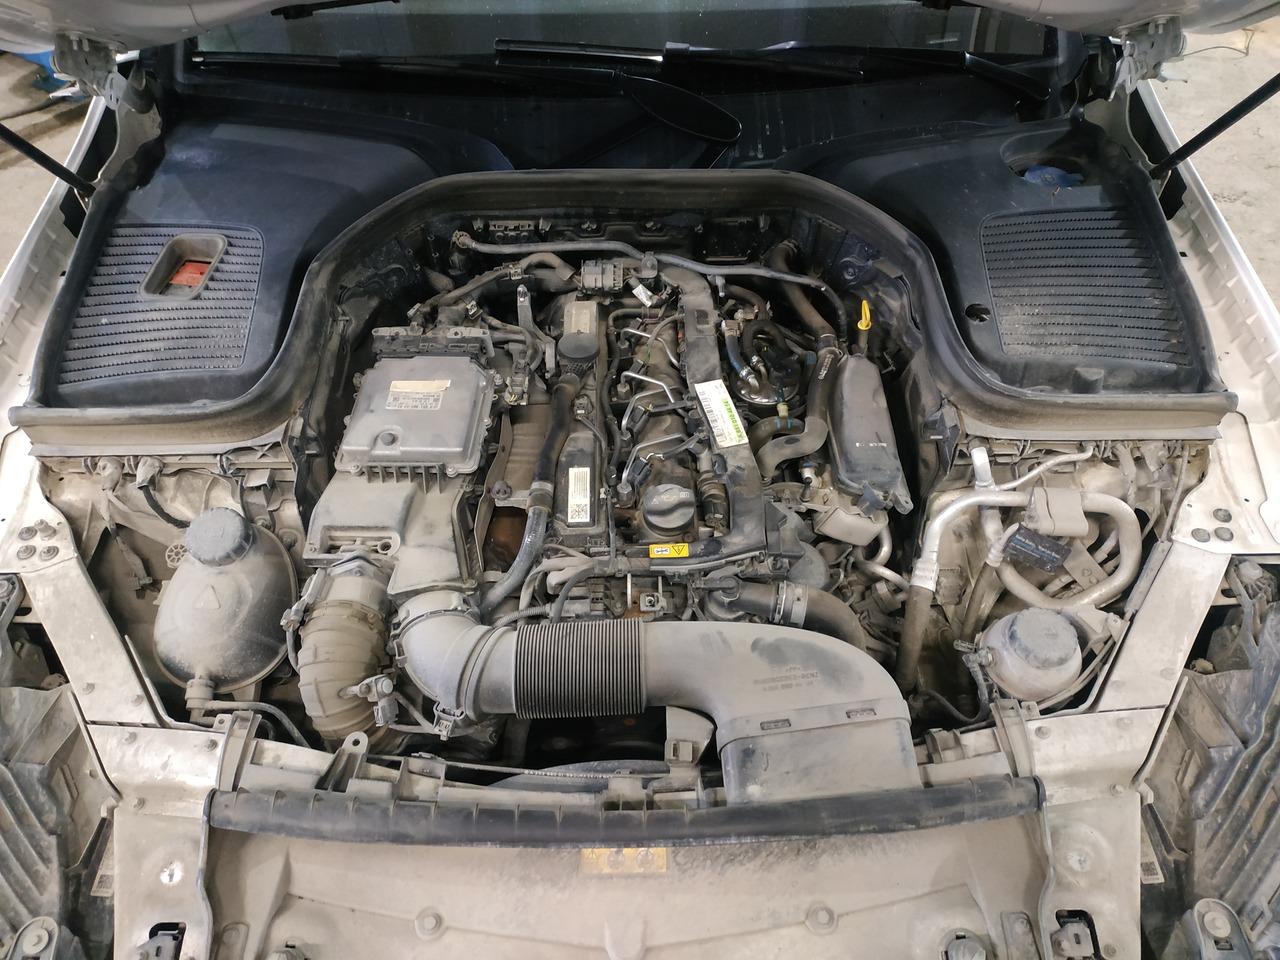 Двигатель 2.1d, 204 л.с., Mercedes GLС 250D 4МАТIС